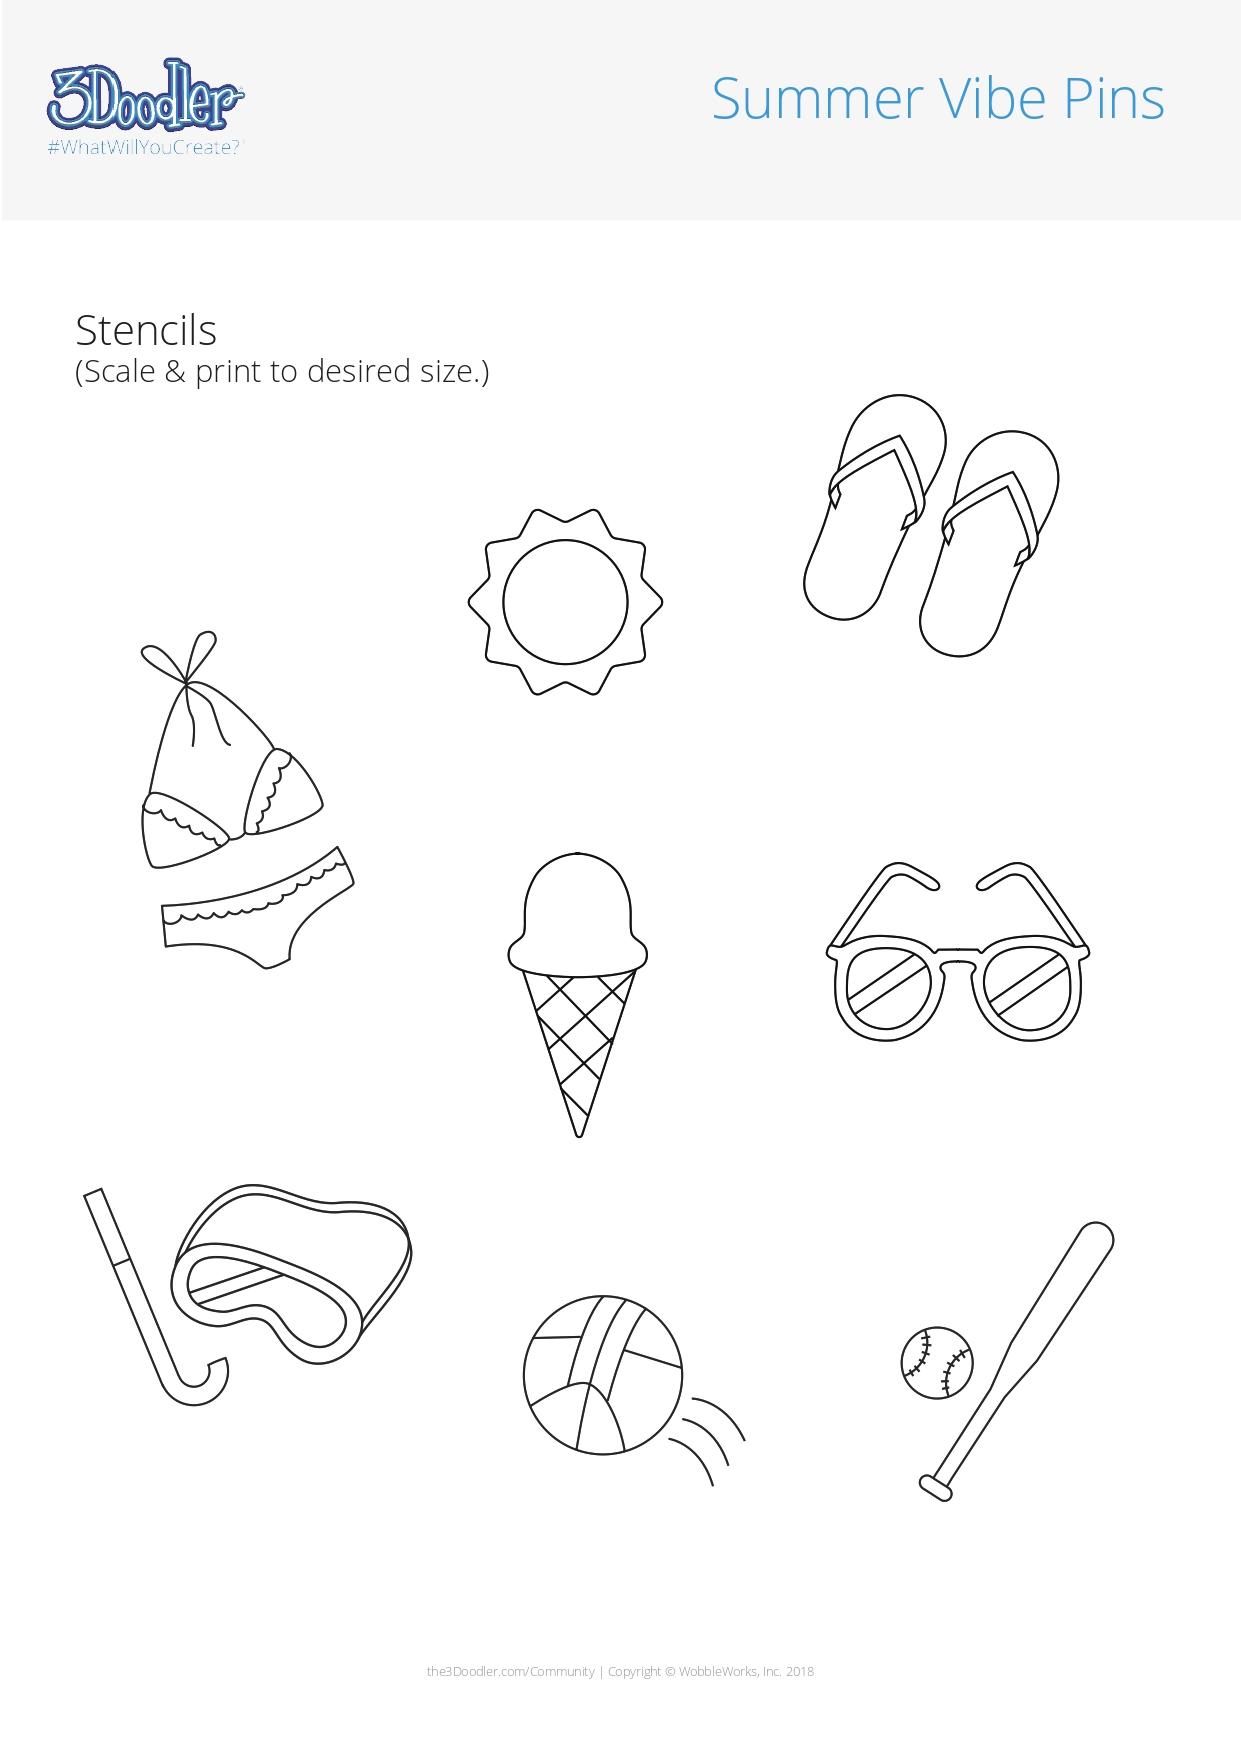 3D Pen Stencil Template Summer Vibe Pins